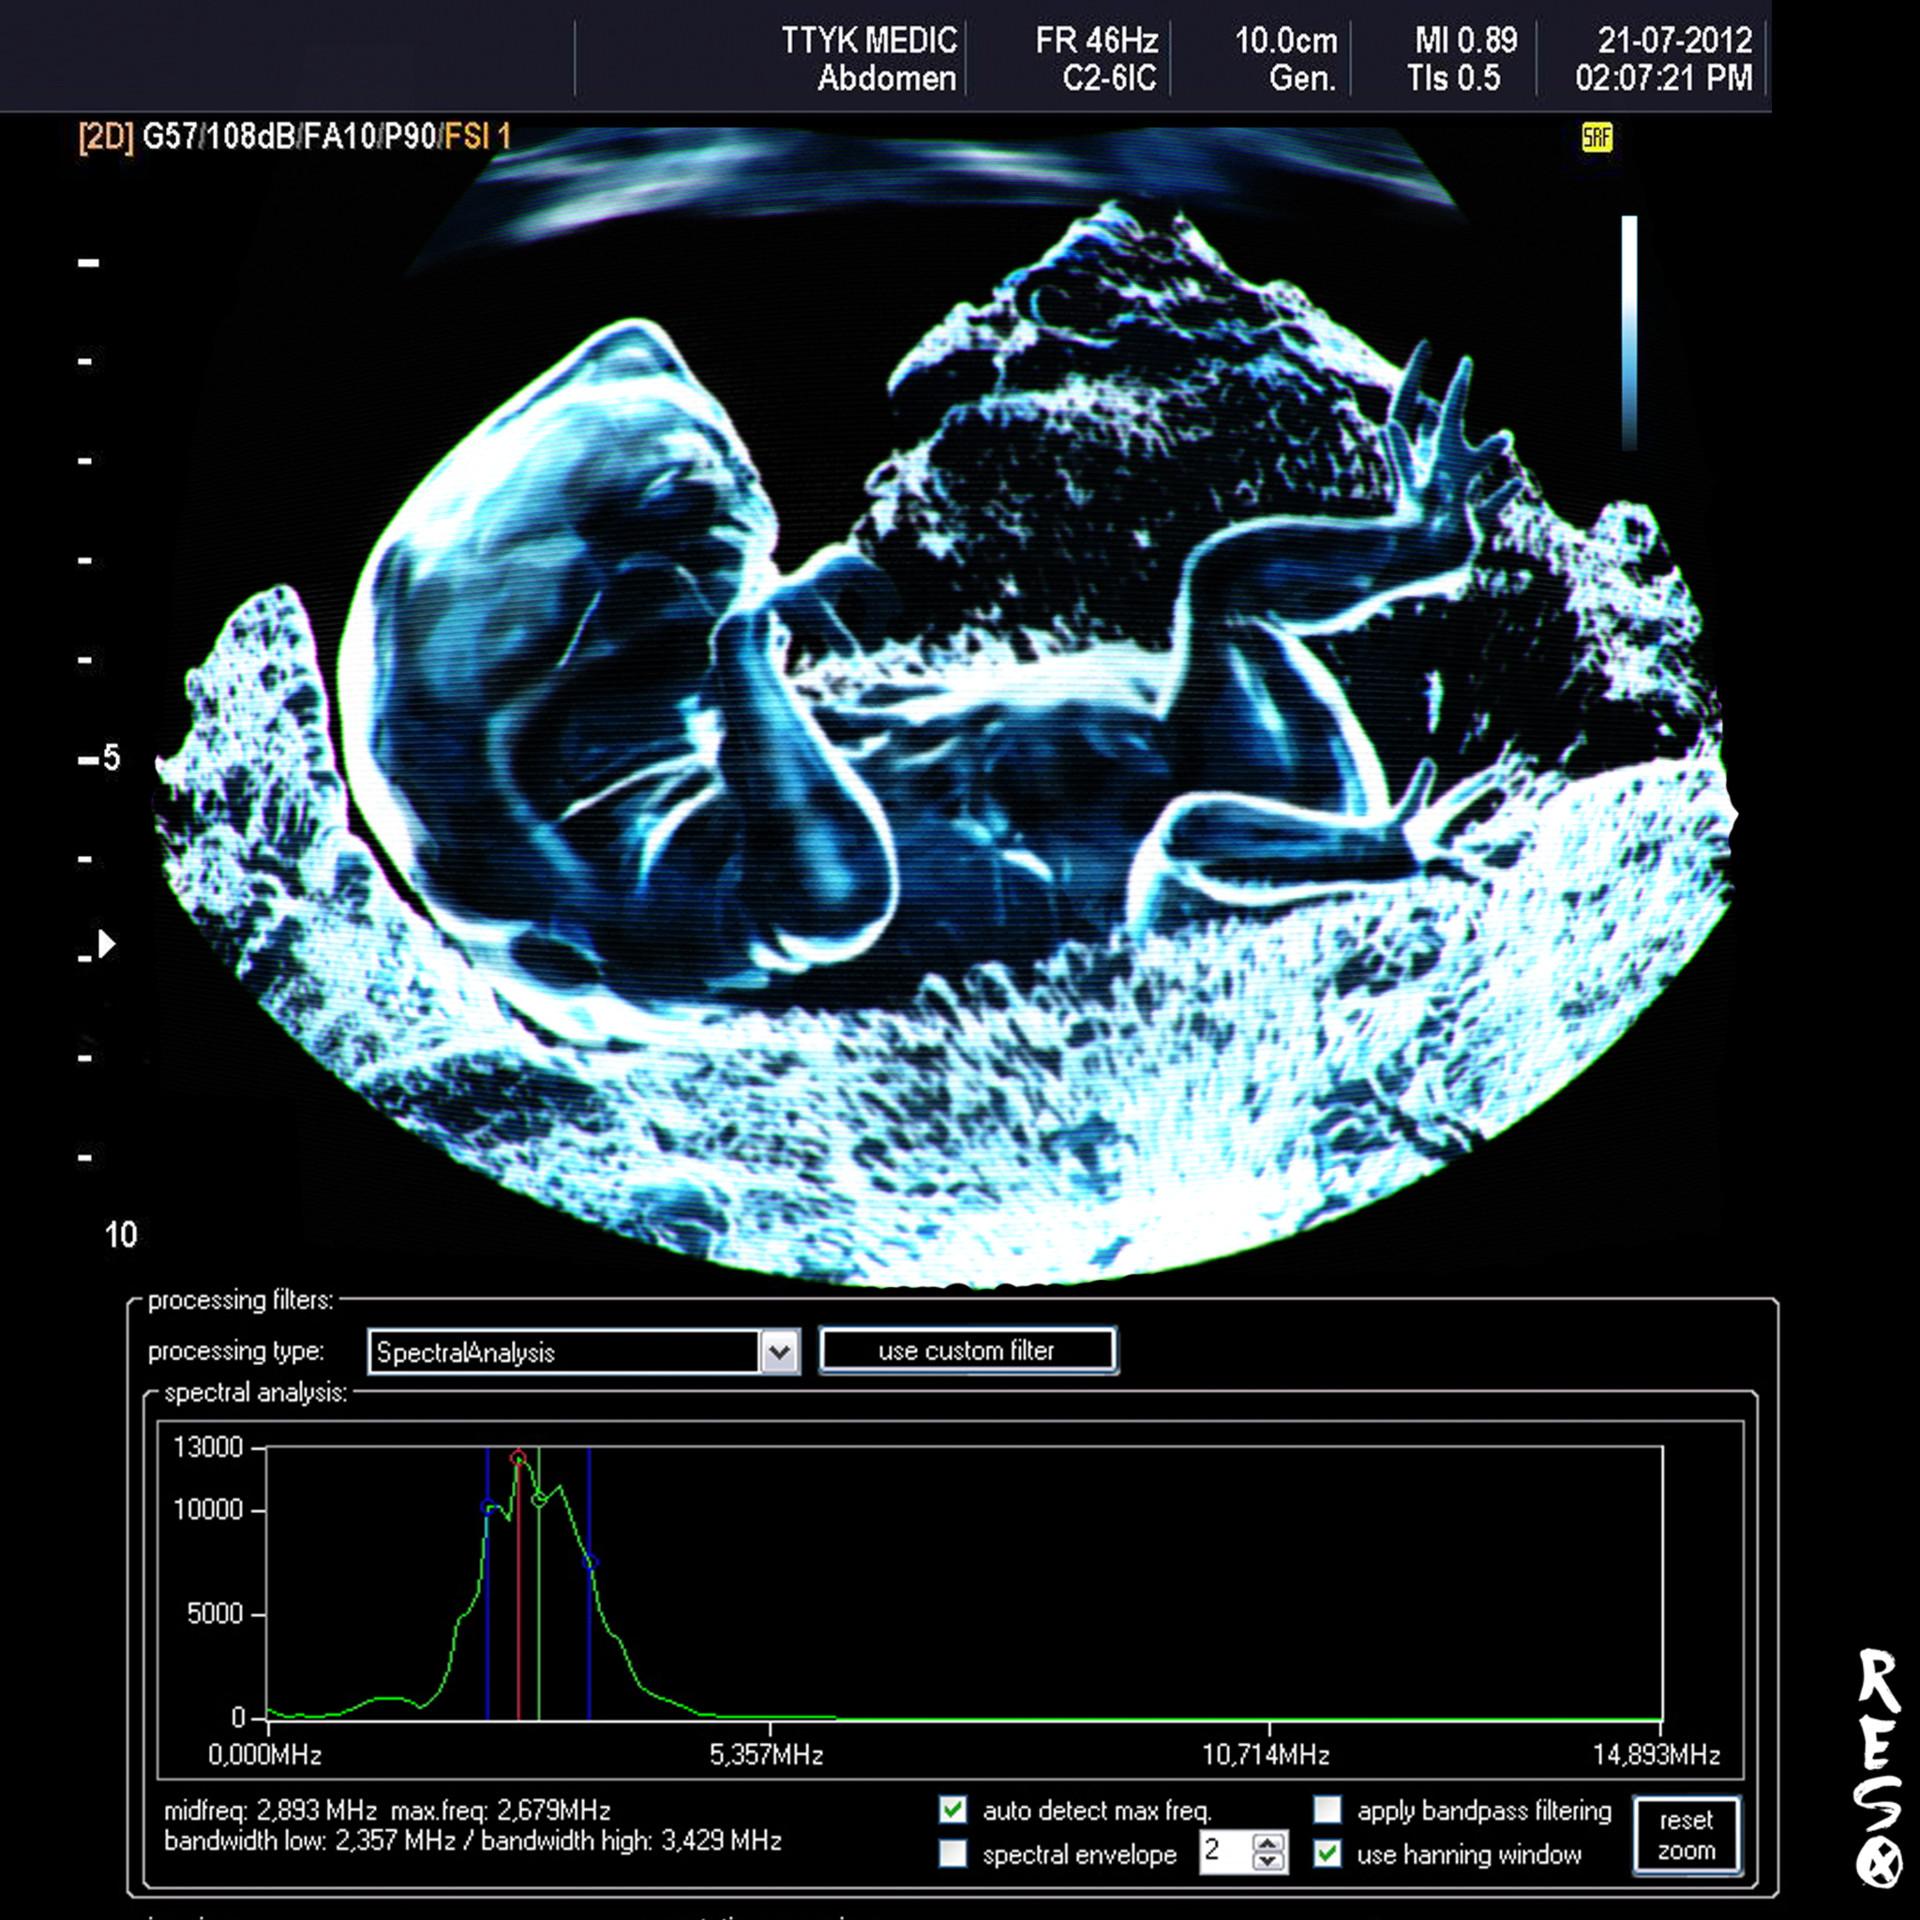 Raul eduardo sanchez osorio ultrasound v03 blue